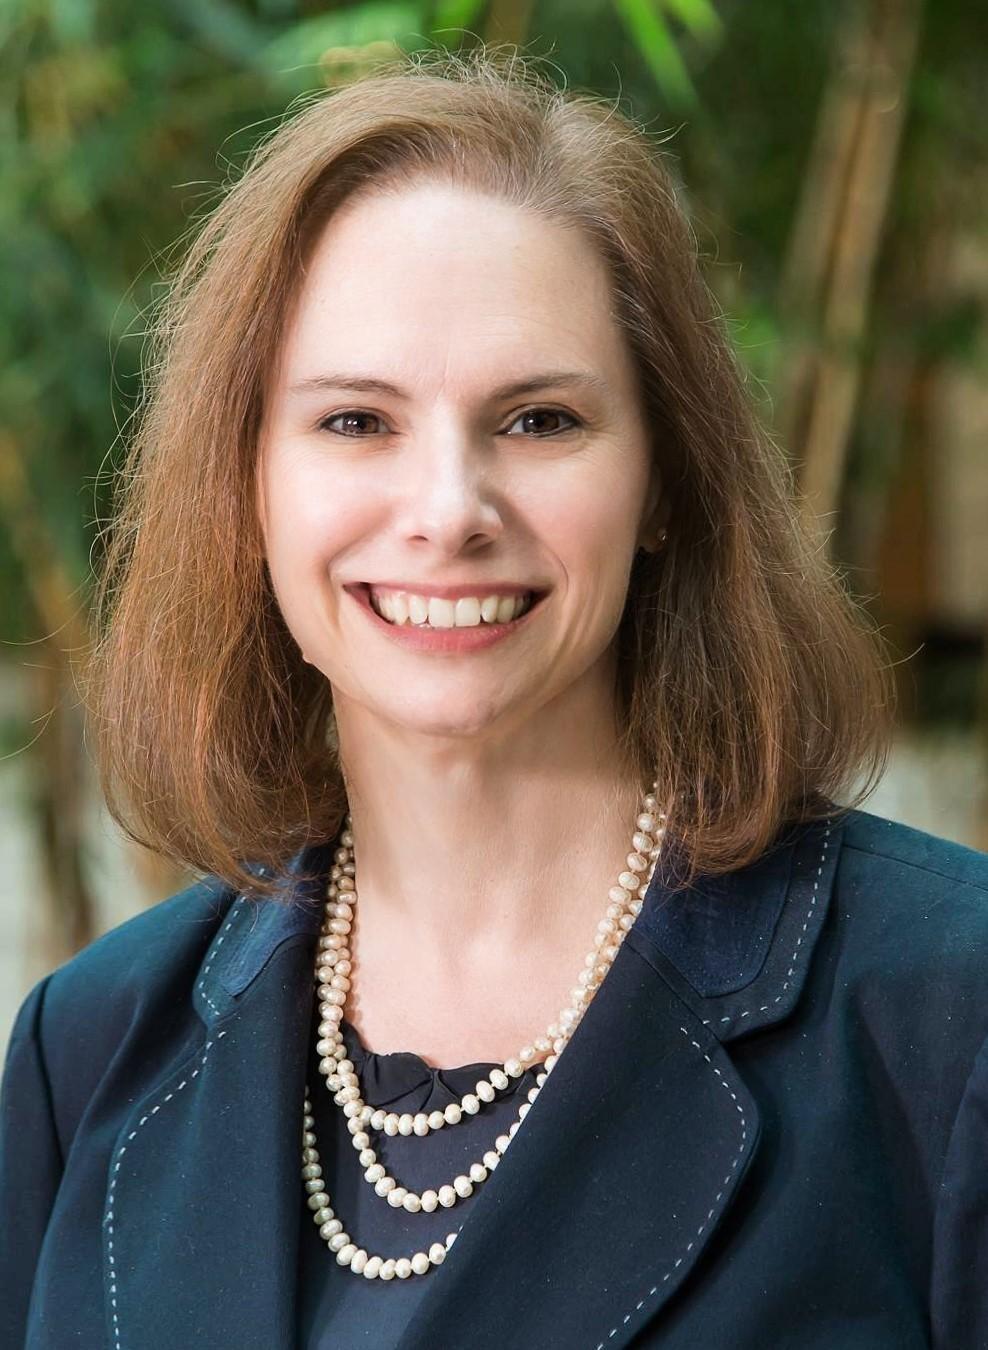 Portrait of Dr. Schnarr